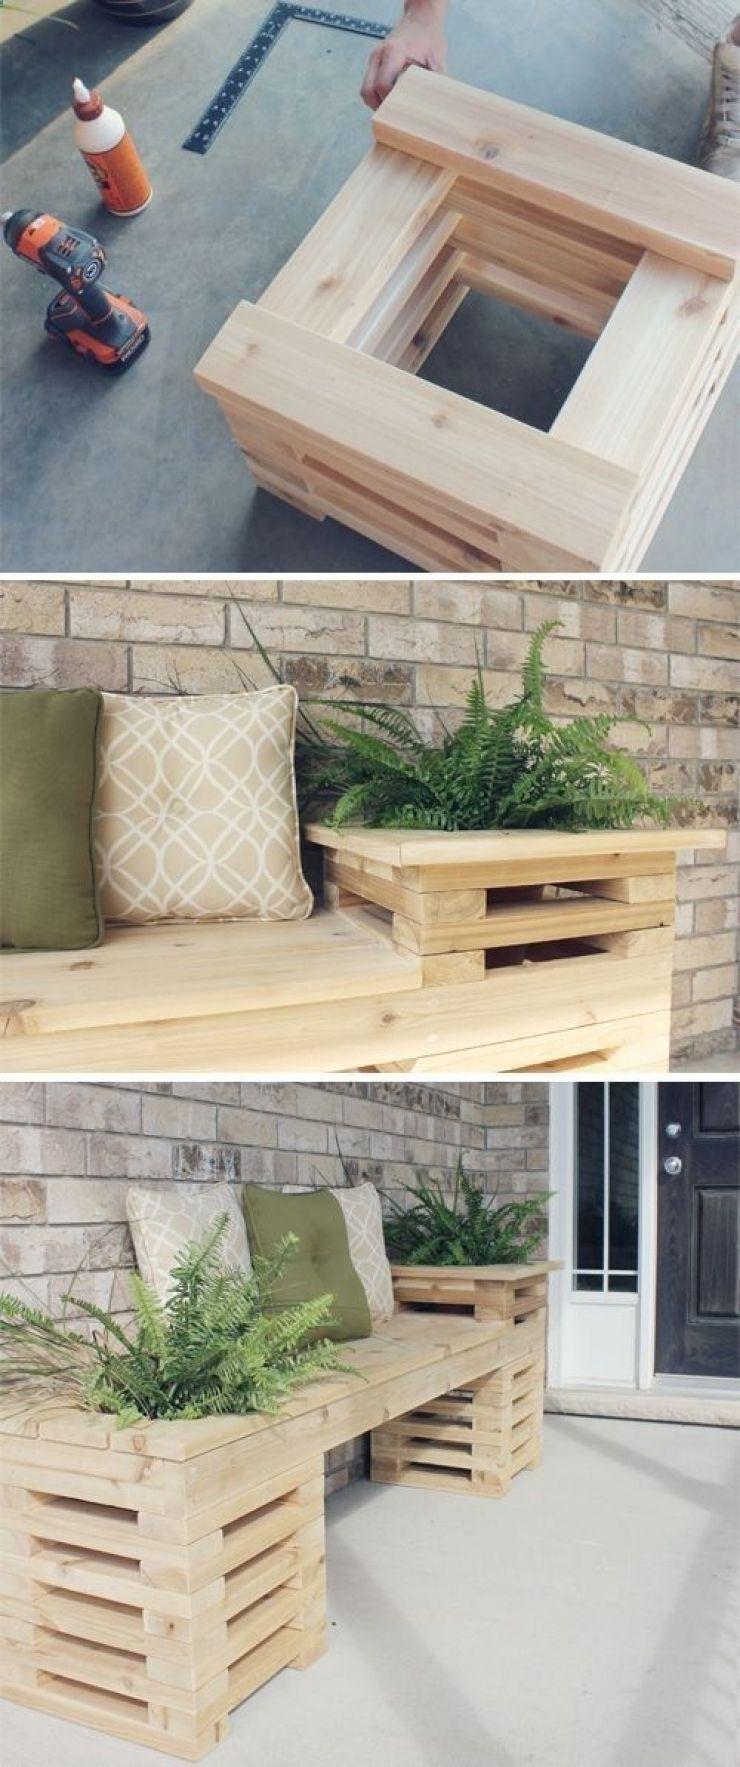 Des bancs de jardins design et créatifs... 37 photos pour vous ...